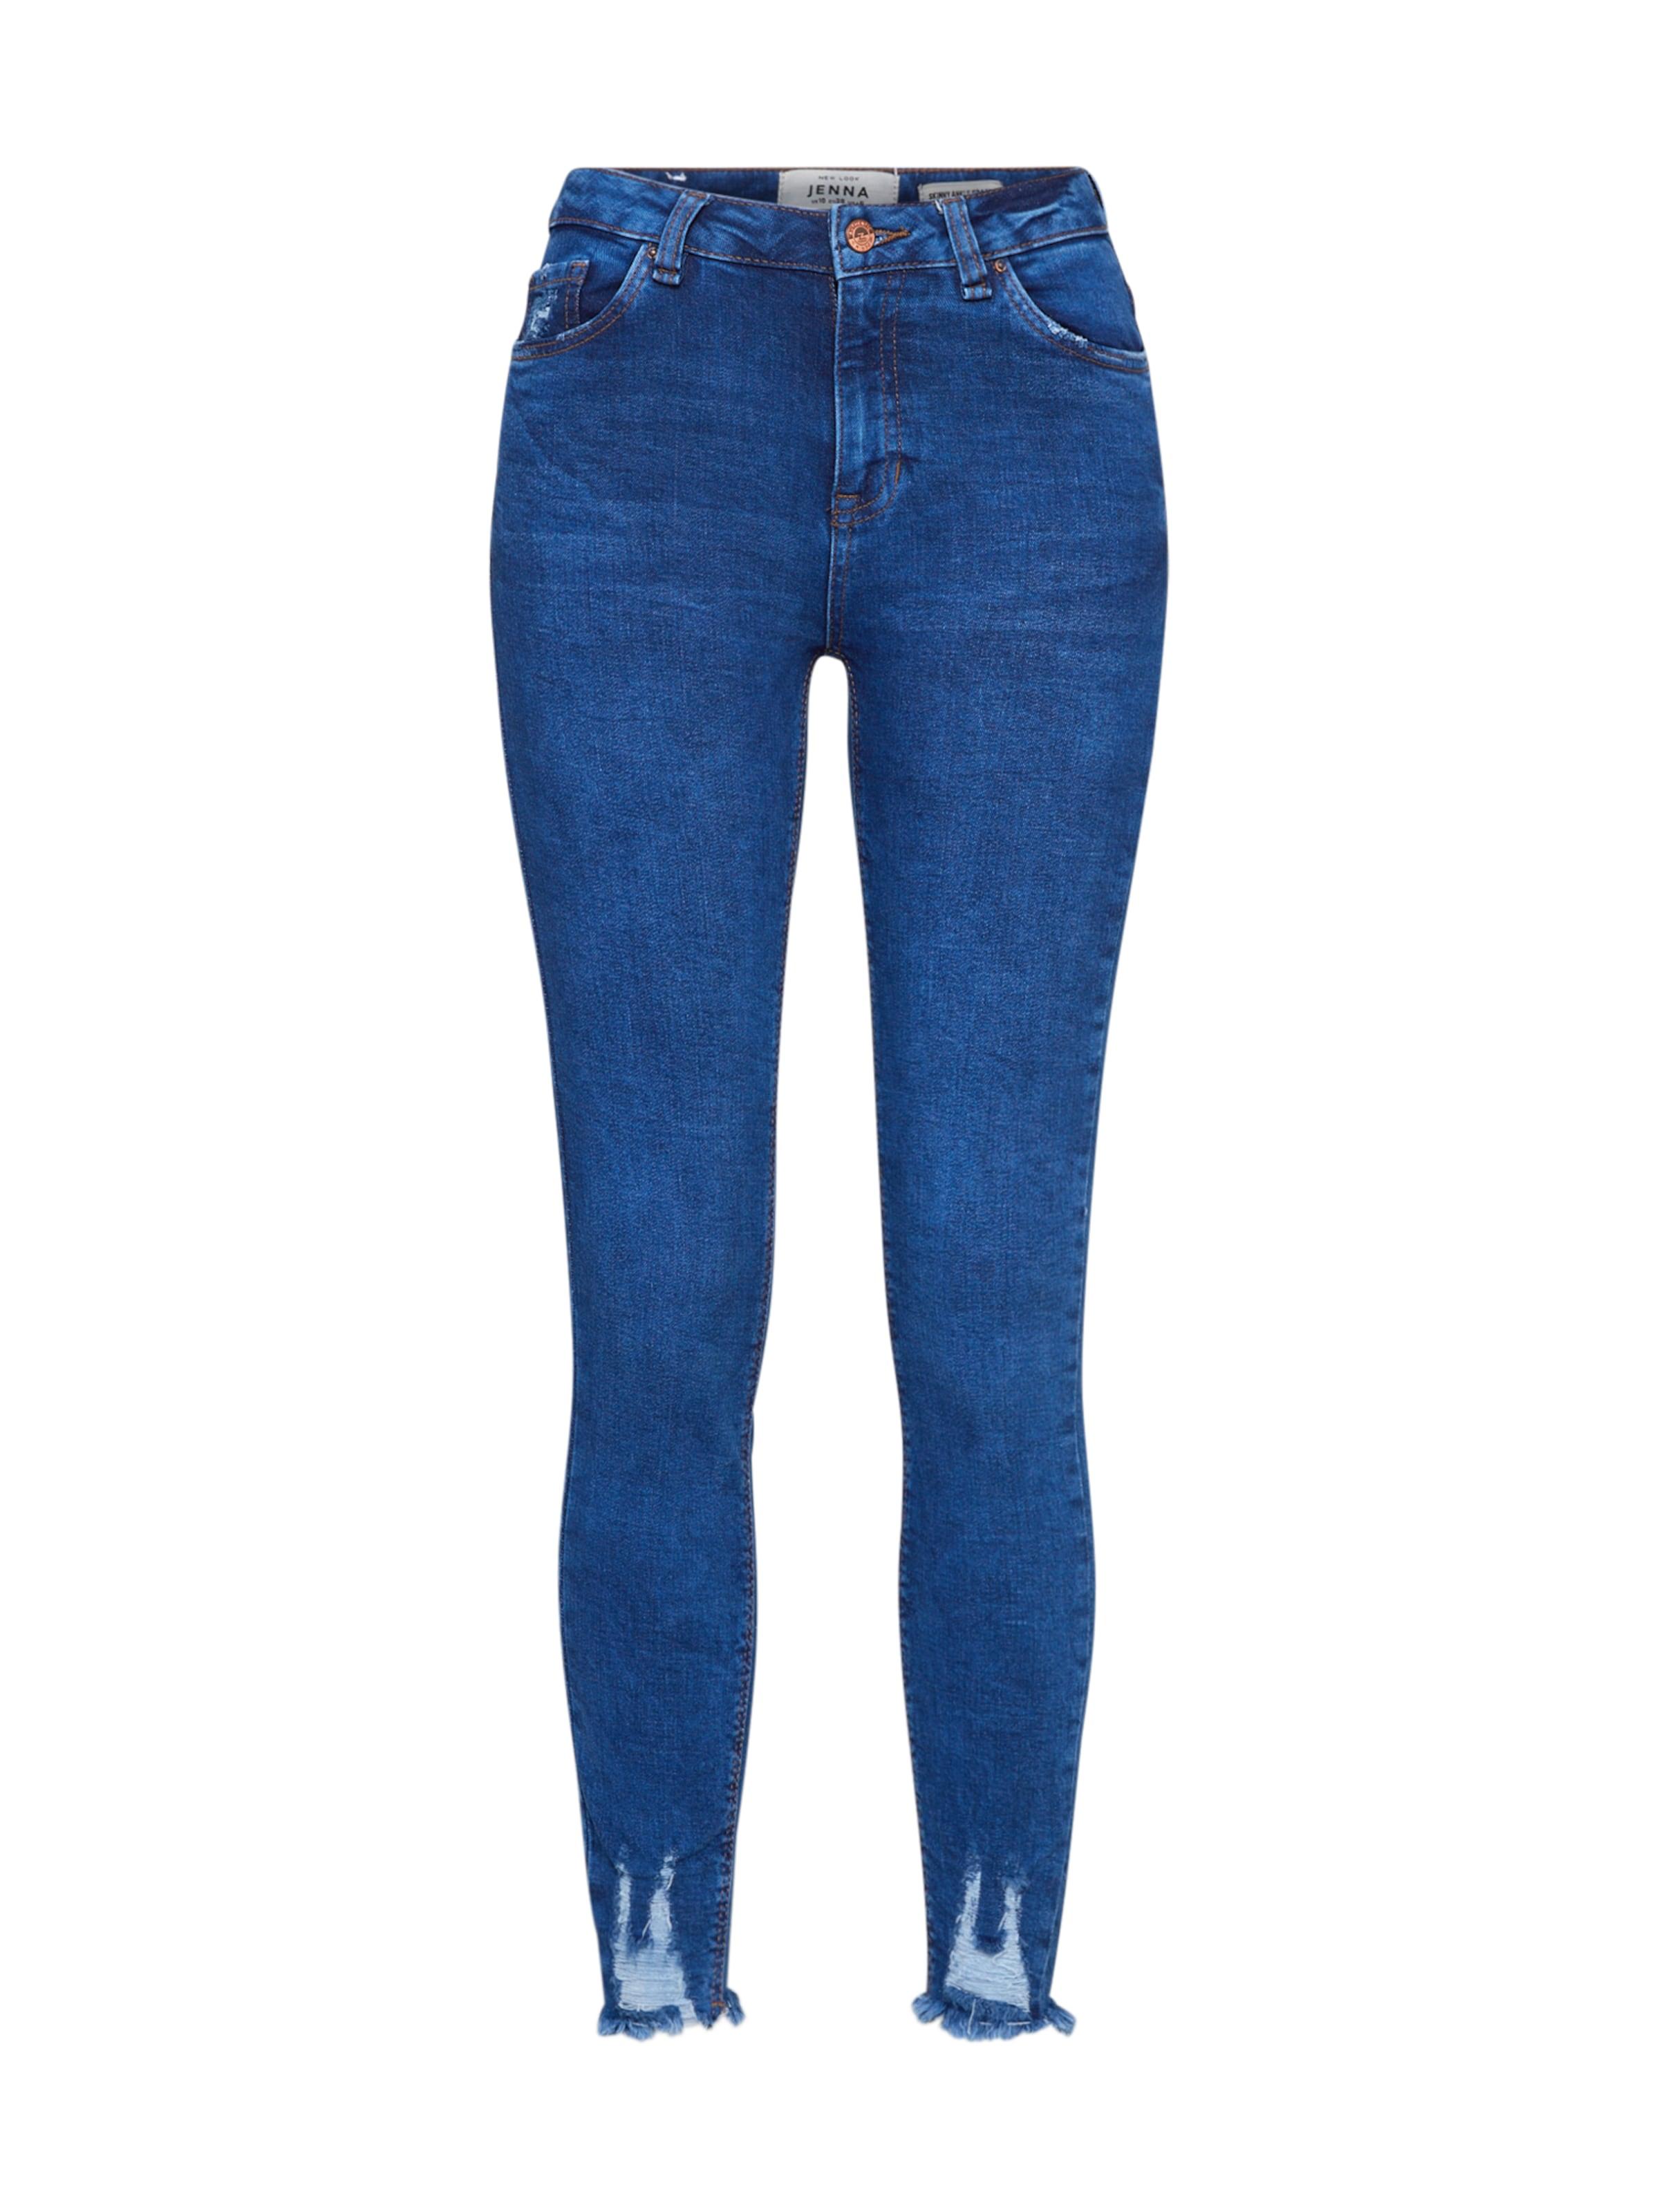 Look Jean 'moonlight Catscratch' Bleu New En qMVGSzpLU